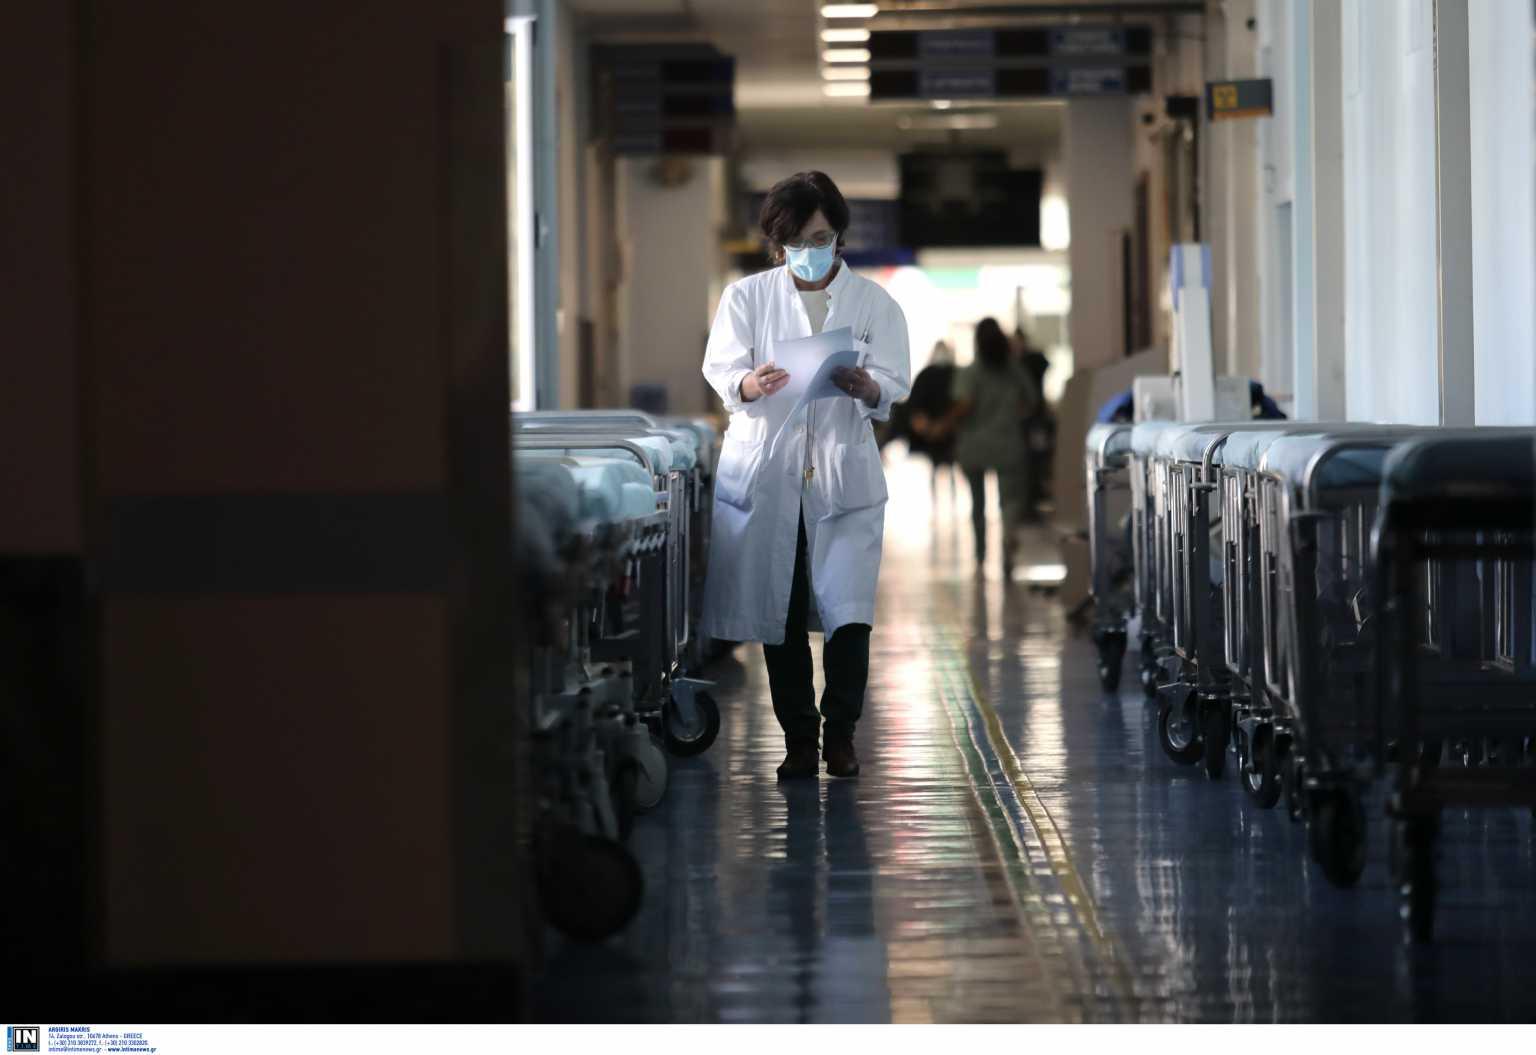 Κορονοϊός: Πόσο μειώθηκαν θάνατοι και νοσηλείες με τους εμβολιασμούς – Τι δείχνουν τα στοιχεία